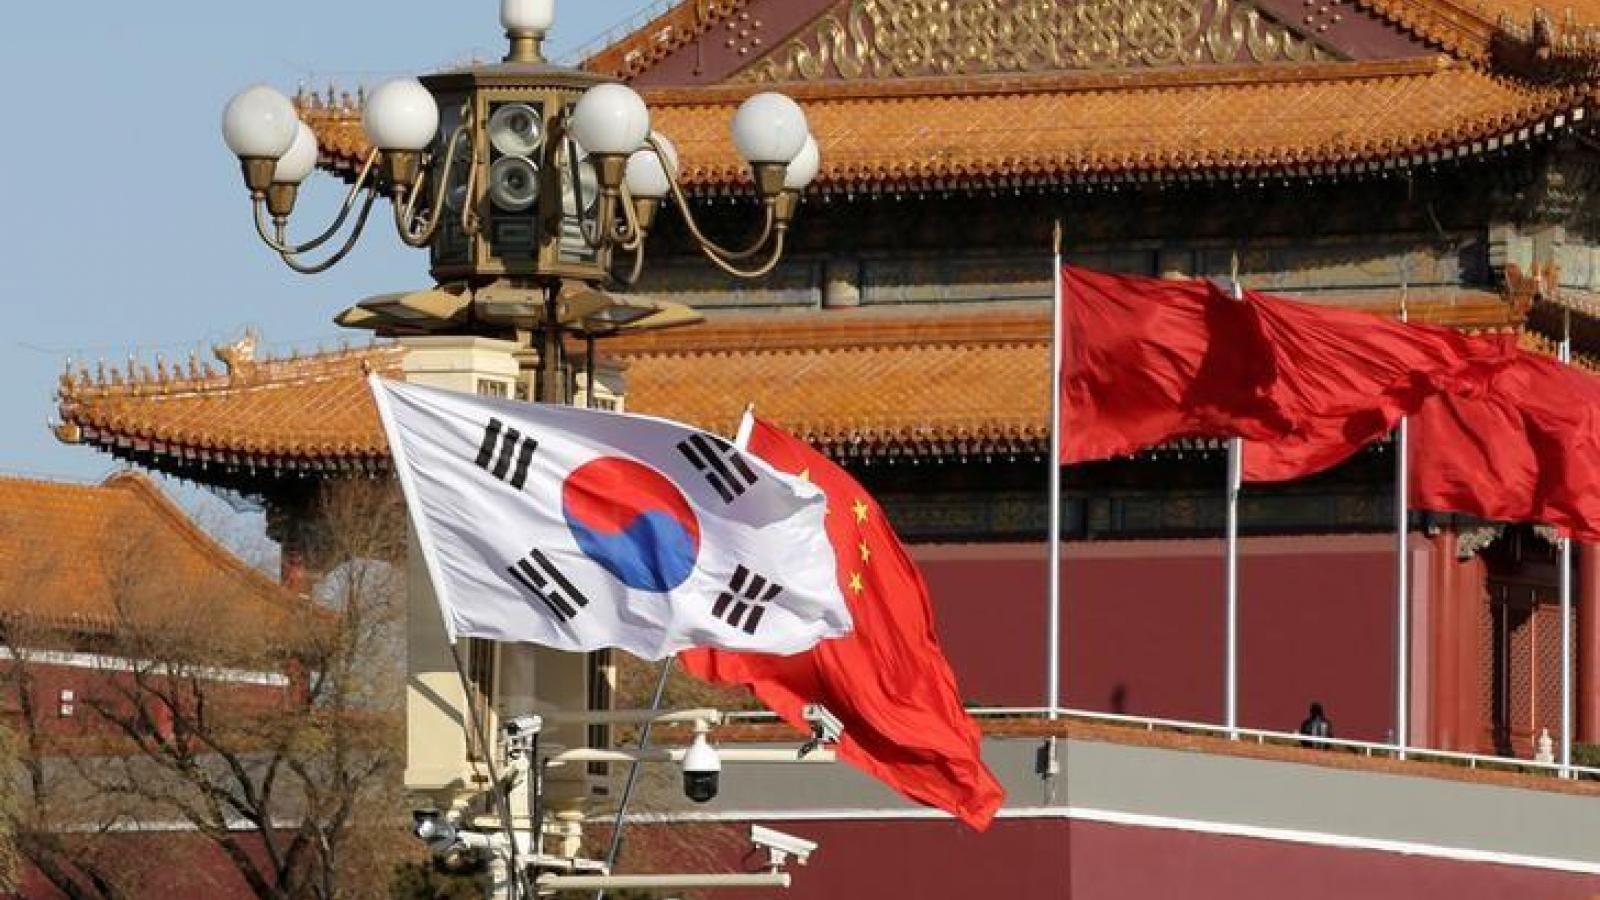 Hàn Quốc yêu cầu Trung Quốc tăng cường ngăn chặn đánh cá trái phép